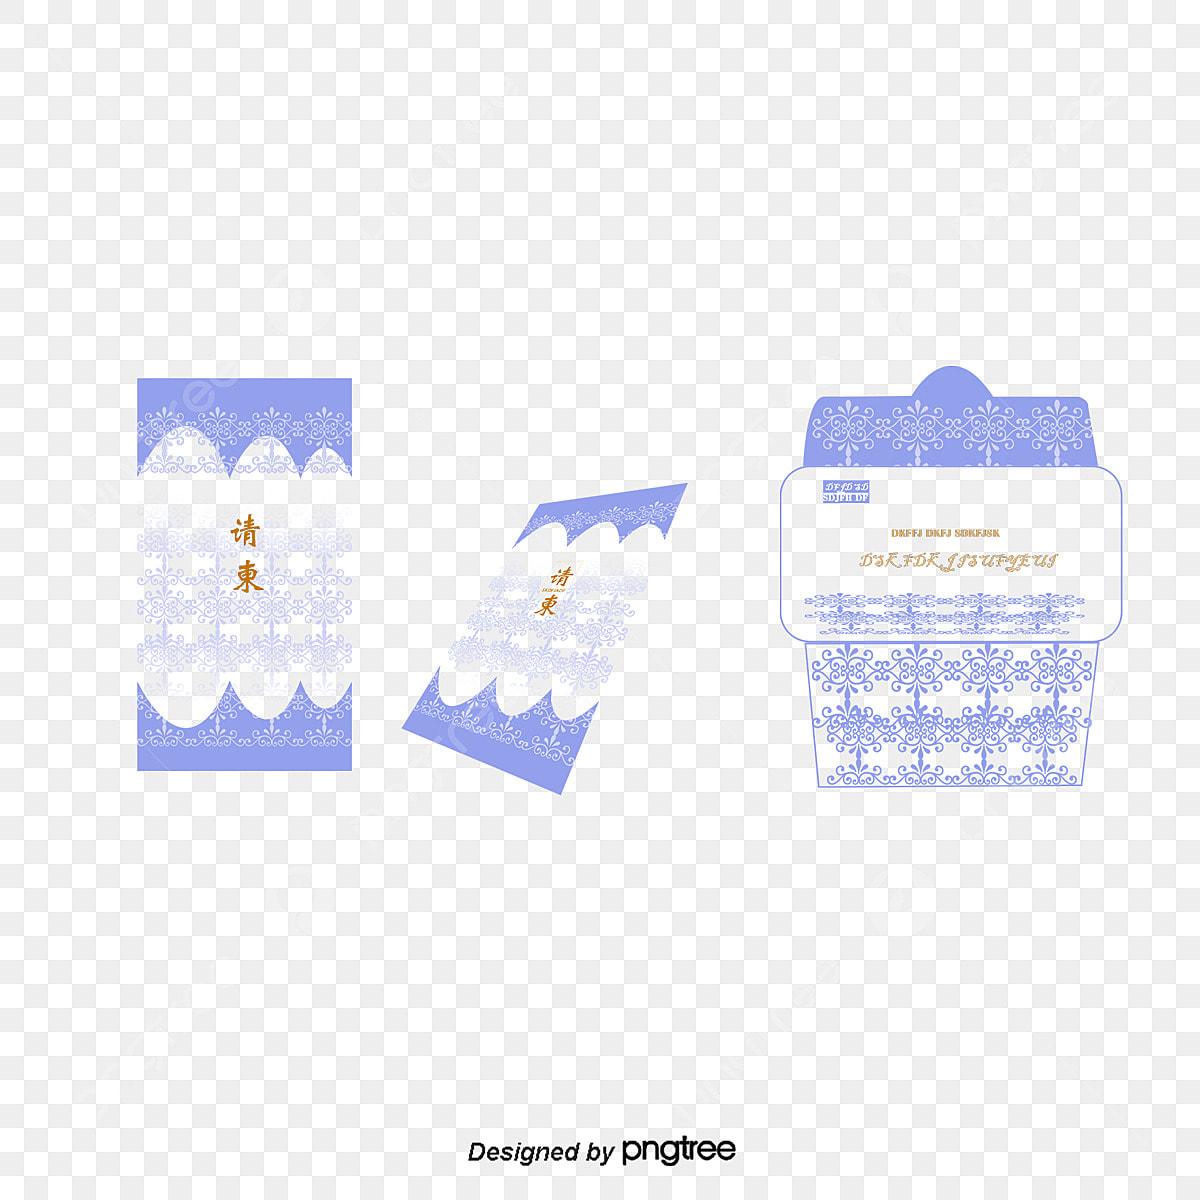 537d1d000 دعوات قوالب بطاقة دعوة بطاقة دعوة دعوات PNG وملف PSD للتحميل مجانا